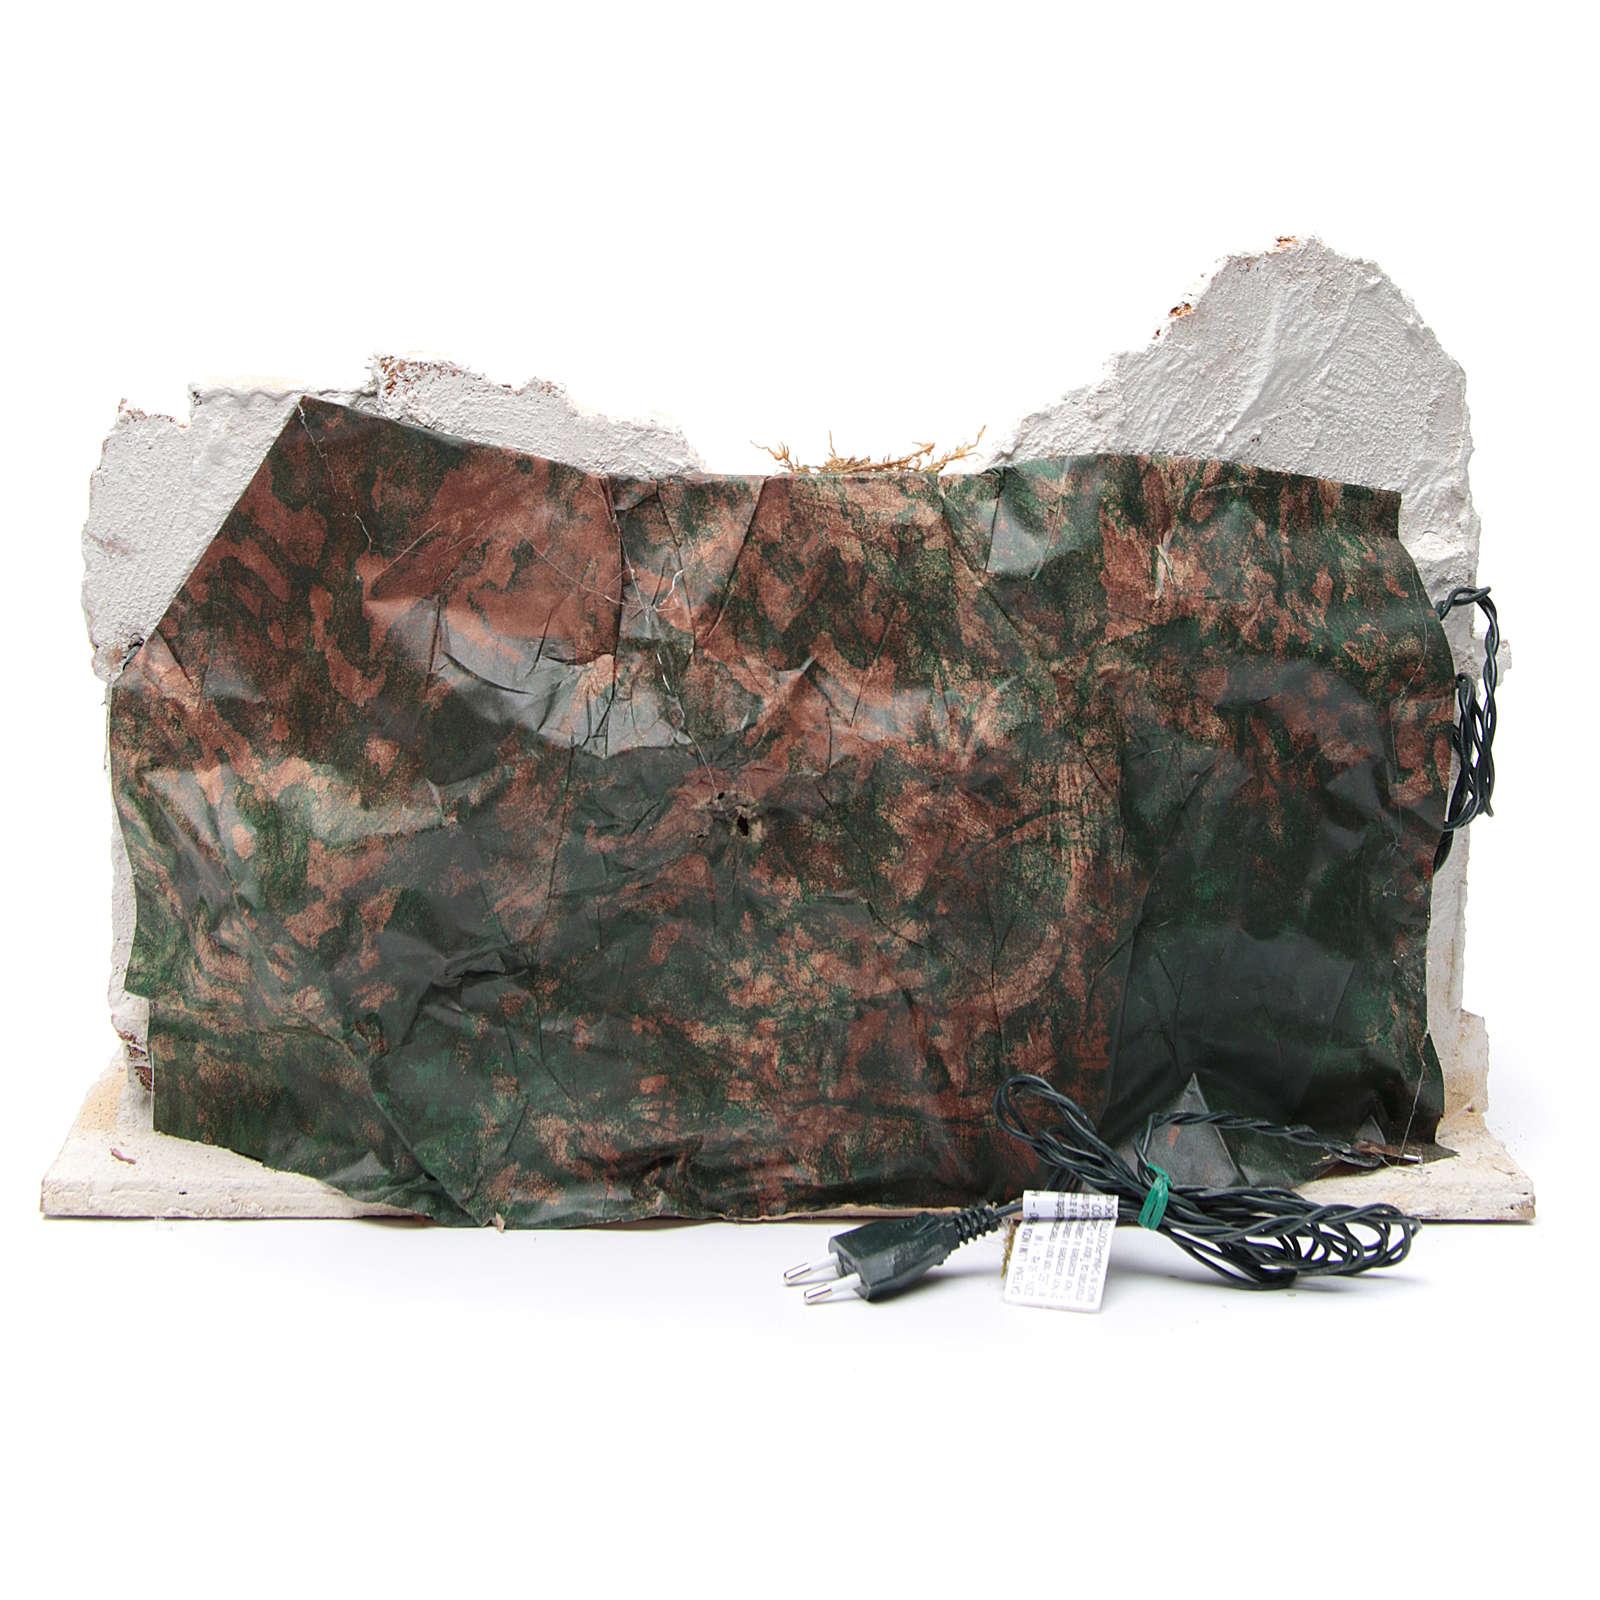 Ambientazione araba con capanna presepe napoletano 34x48x29 4